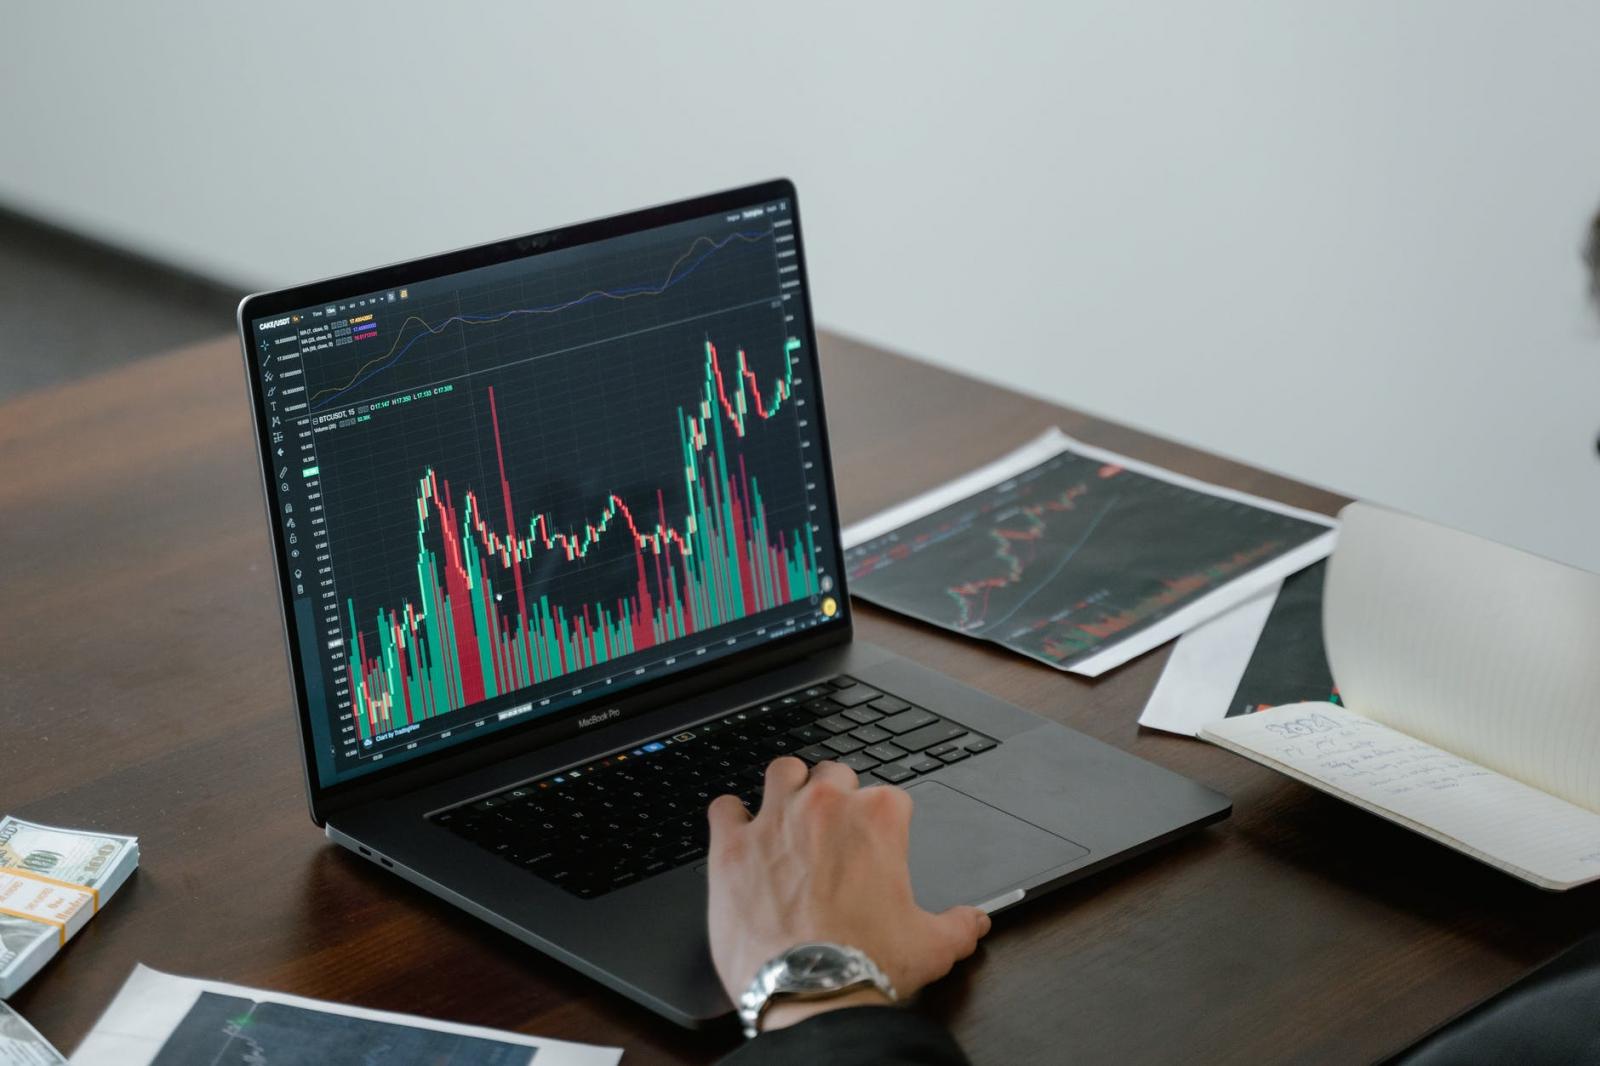 【理財專知】什麼是指數化投資?為何深受股神巴菲特推薦